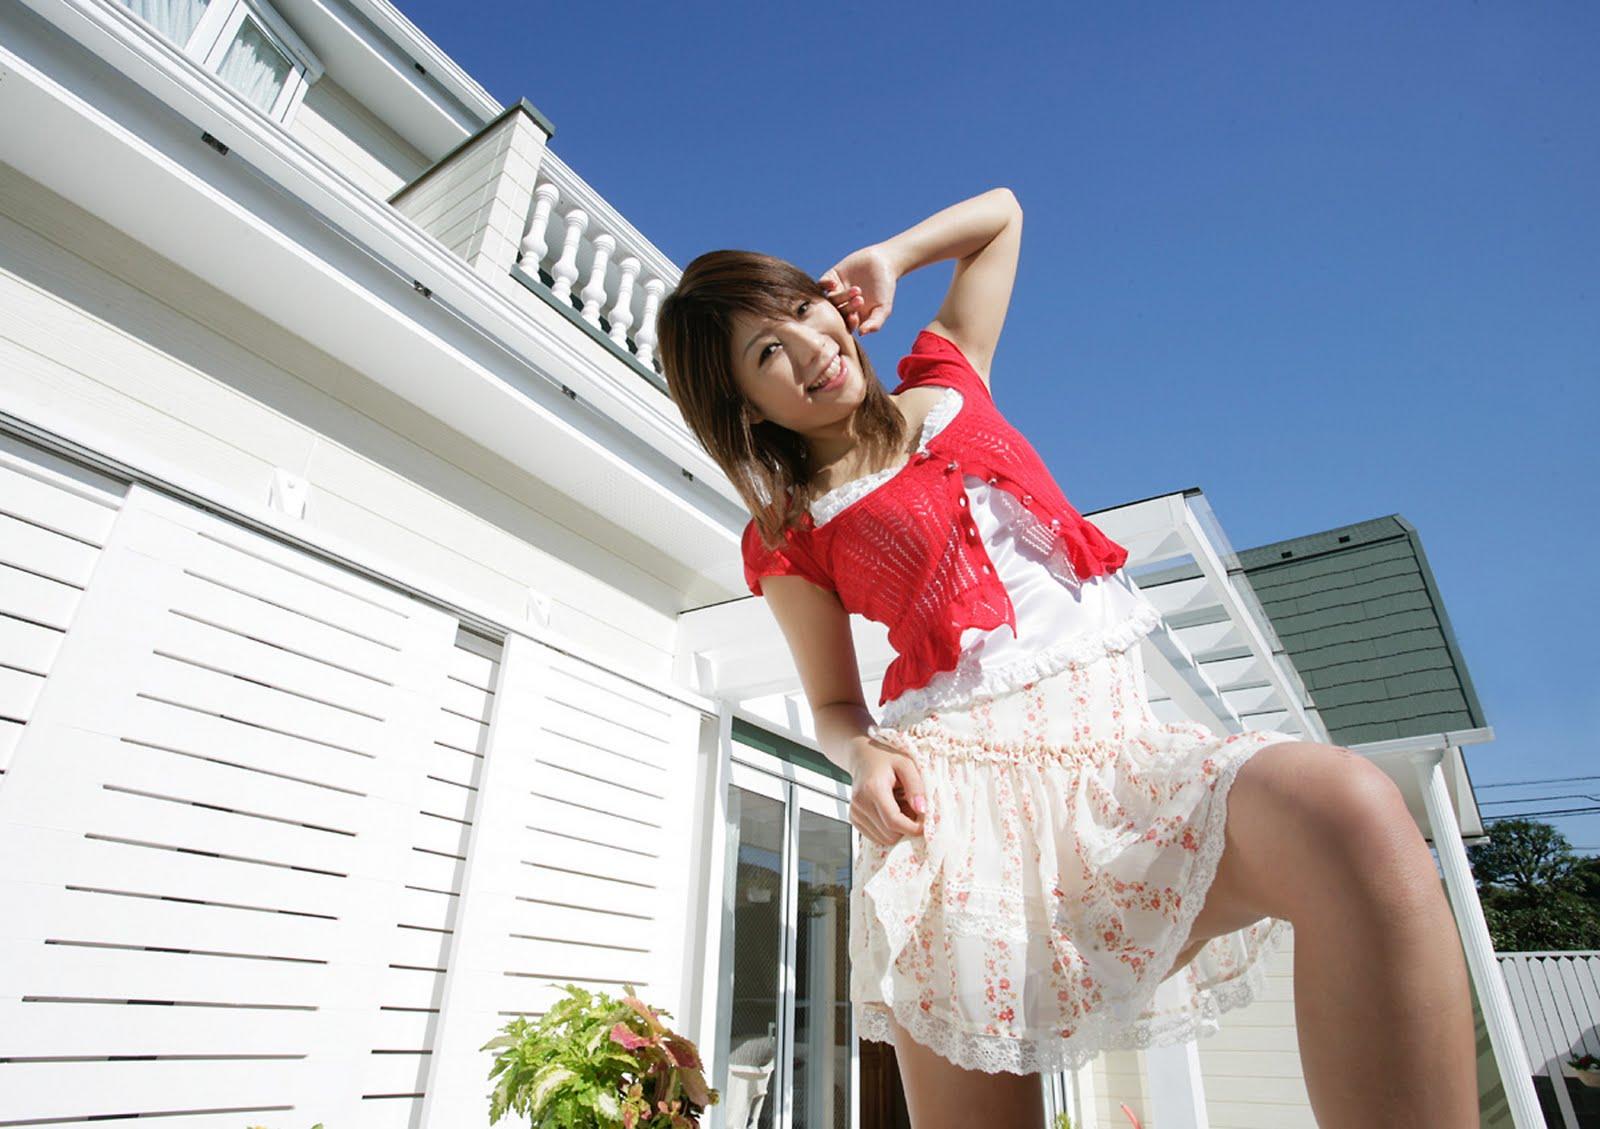 http://1.bp.blogspot.com/-5m_o2oIyvvs/TeQhSo2BuOI/AAAAAAAACYU/8m90j6XSv4s/s1600/japanese+cute+sexy+girl+wallpaper+%252833%2529.jpg